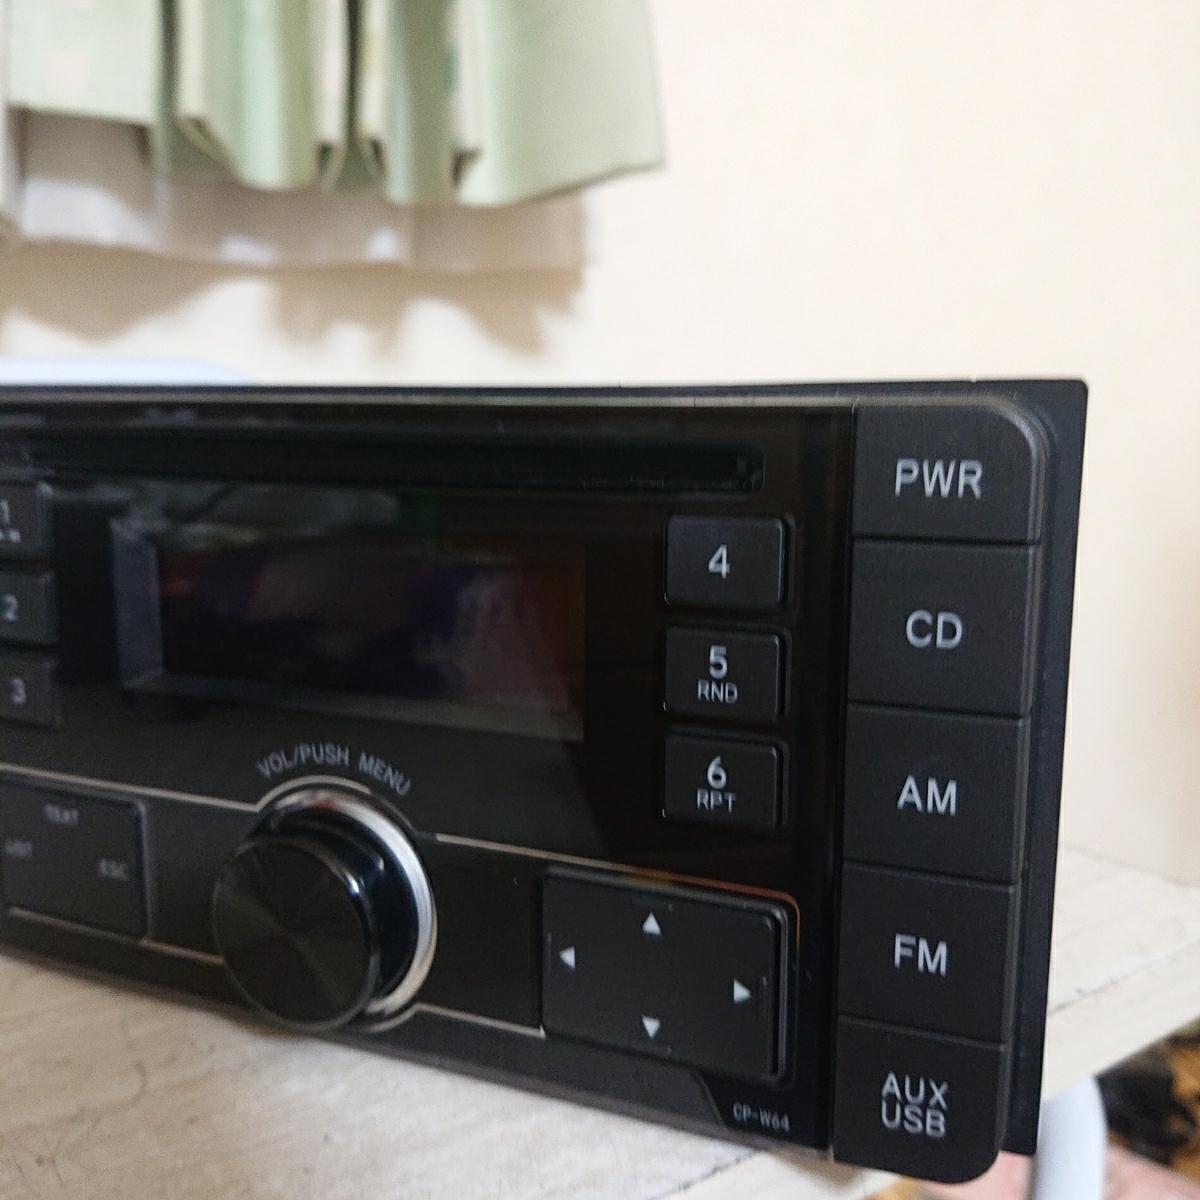 売り切り♪♪♪トヨタ純正 Pioneer CDプレーヤー CP-W64 DEH-8138zt 08600-00M10 USB.AUX♪♪_画像6